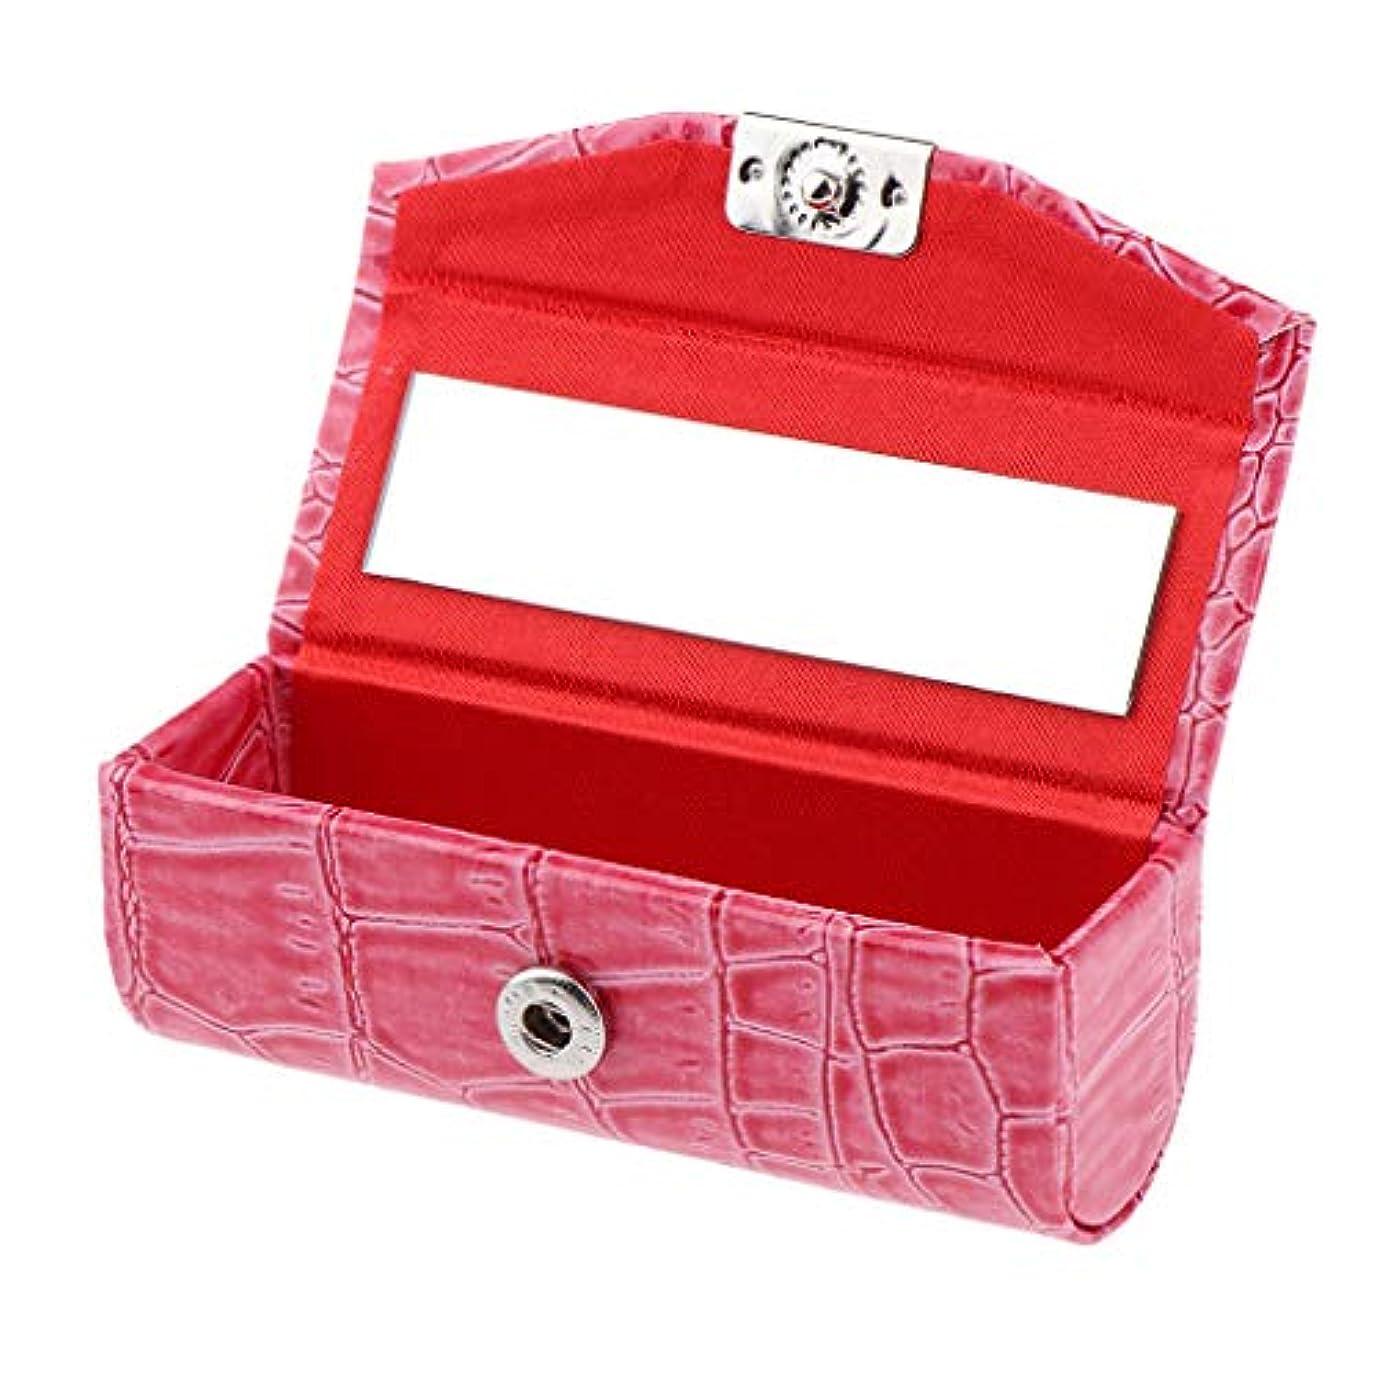 吐き出すシュガー豚B Baosity 口紅ケース コインケース ミラー付き リップグロス ジュエリー 収納ボックス 多色選べ - ローズレッド